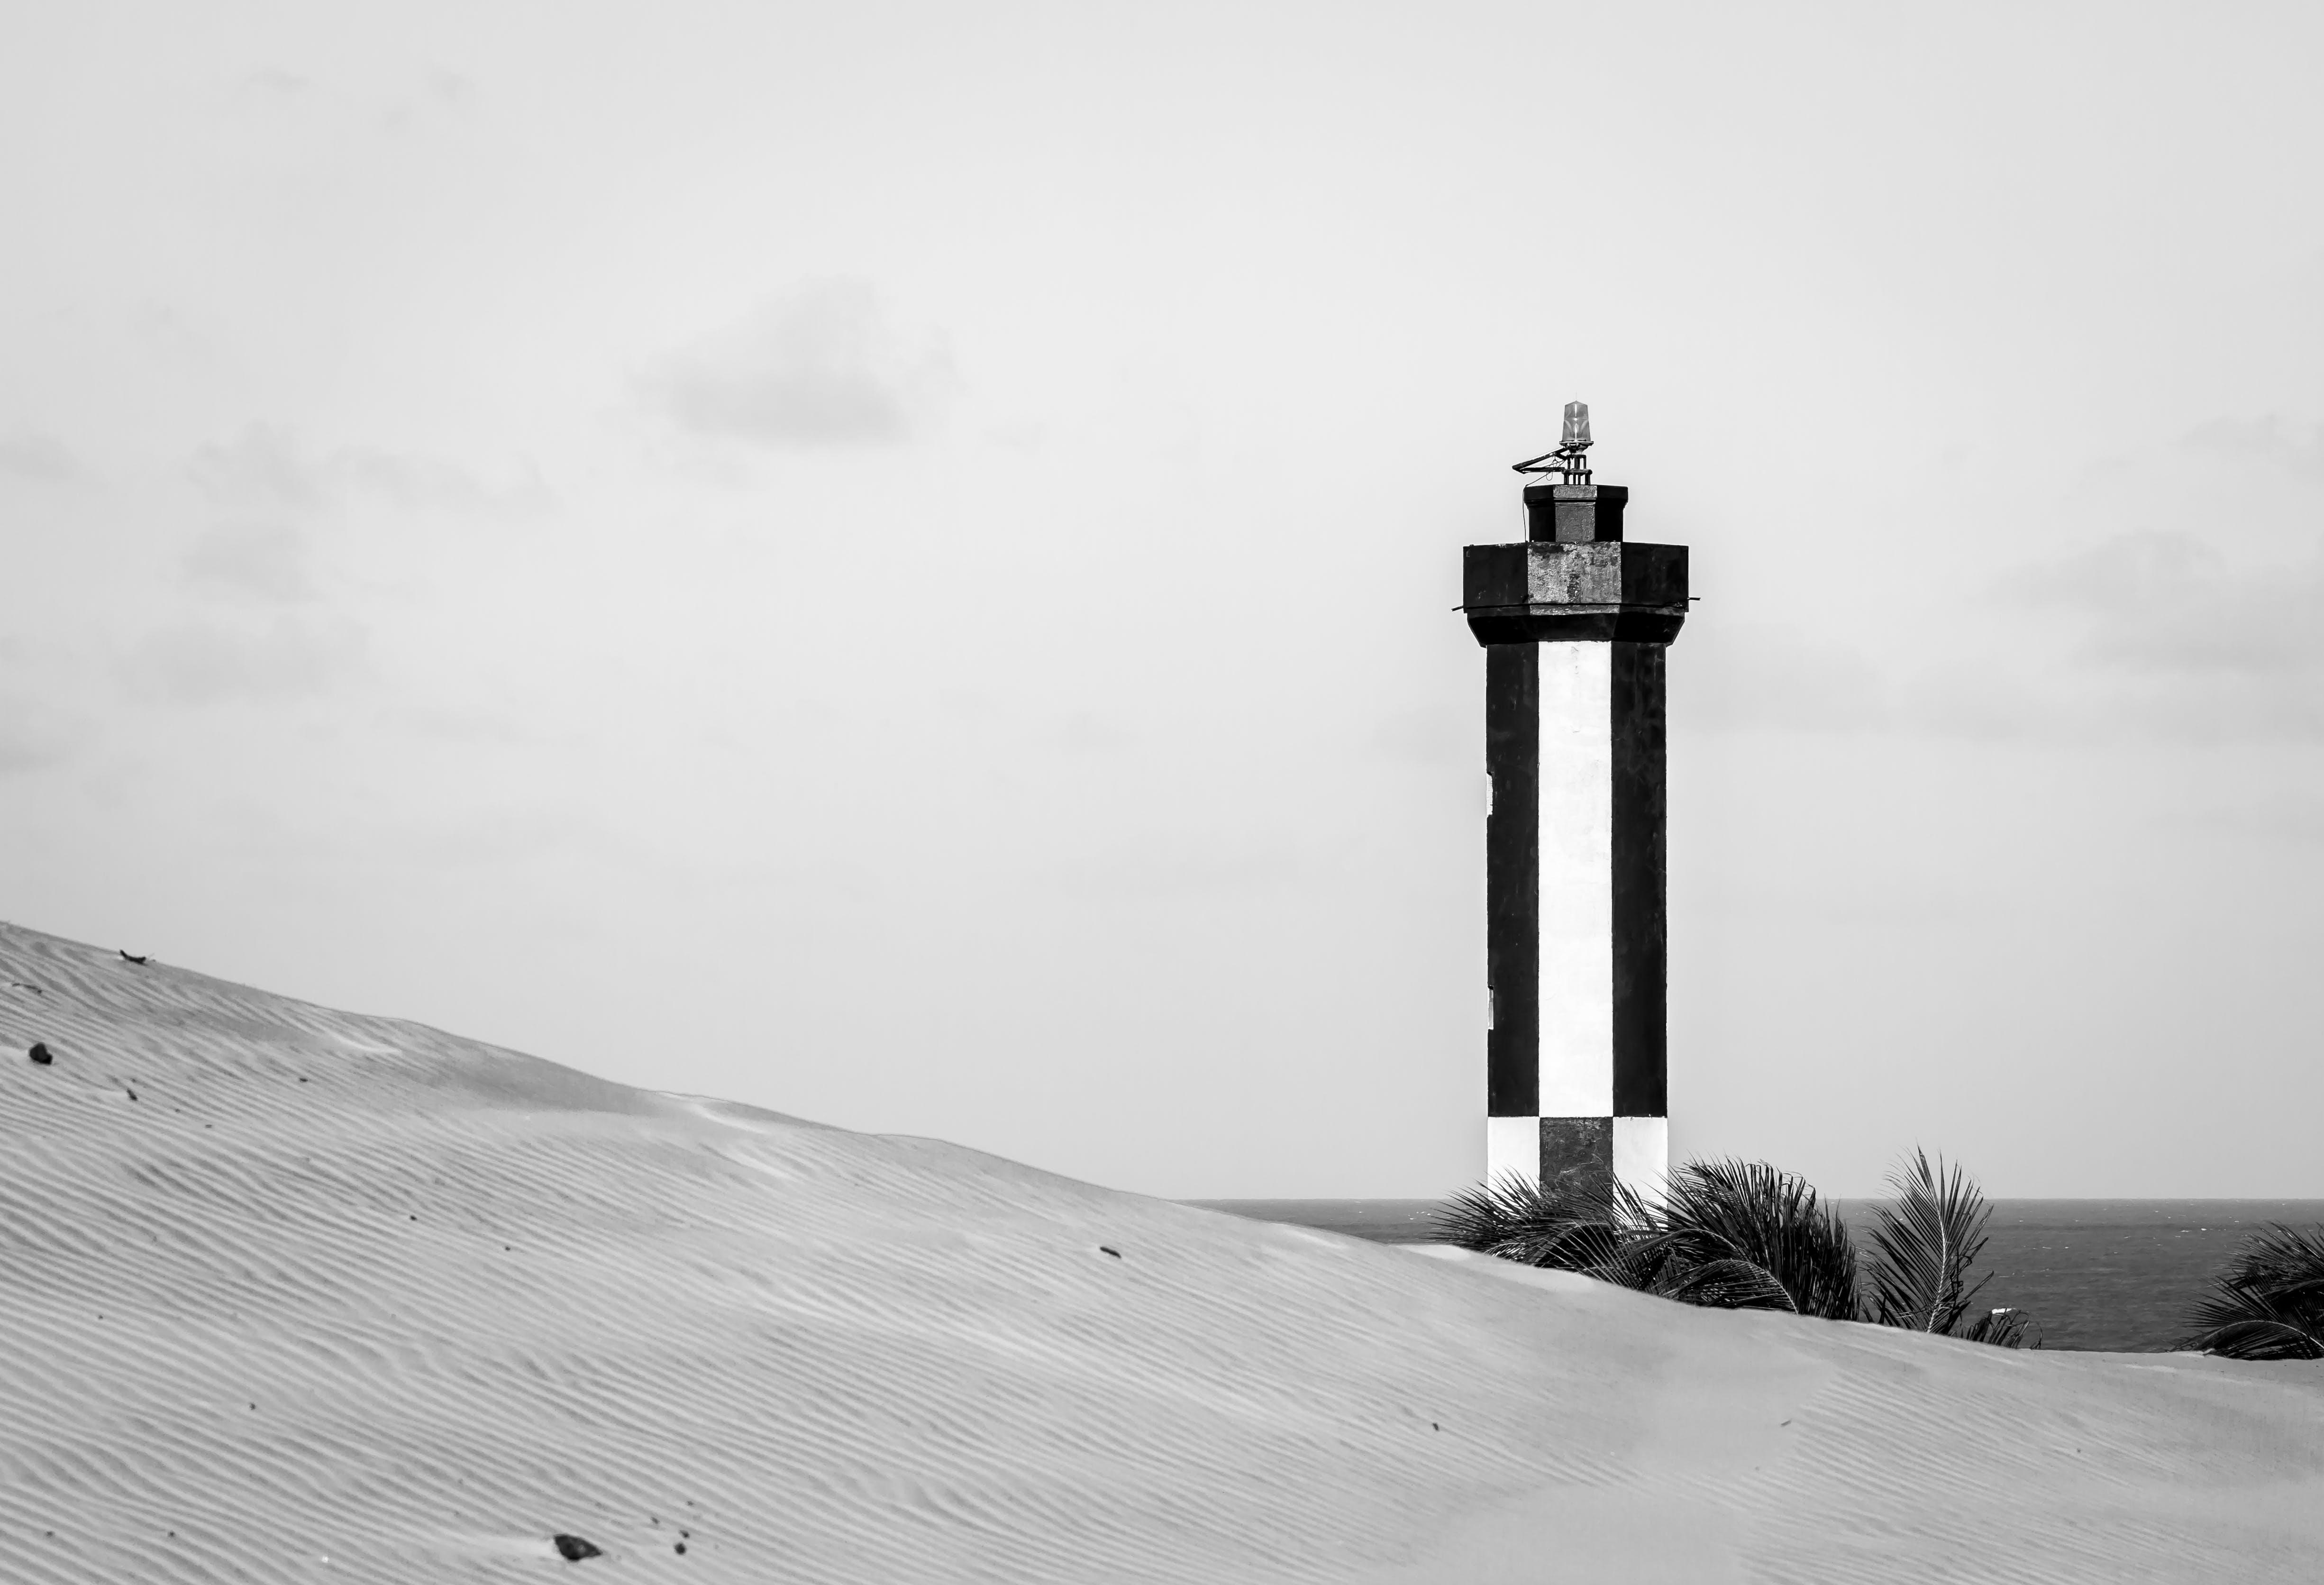 Light House on Beach